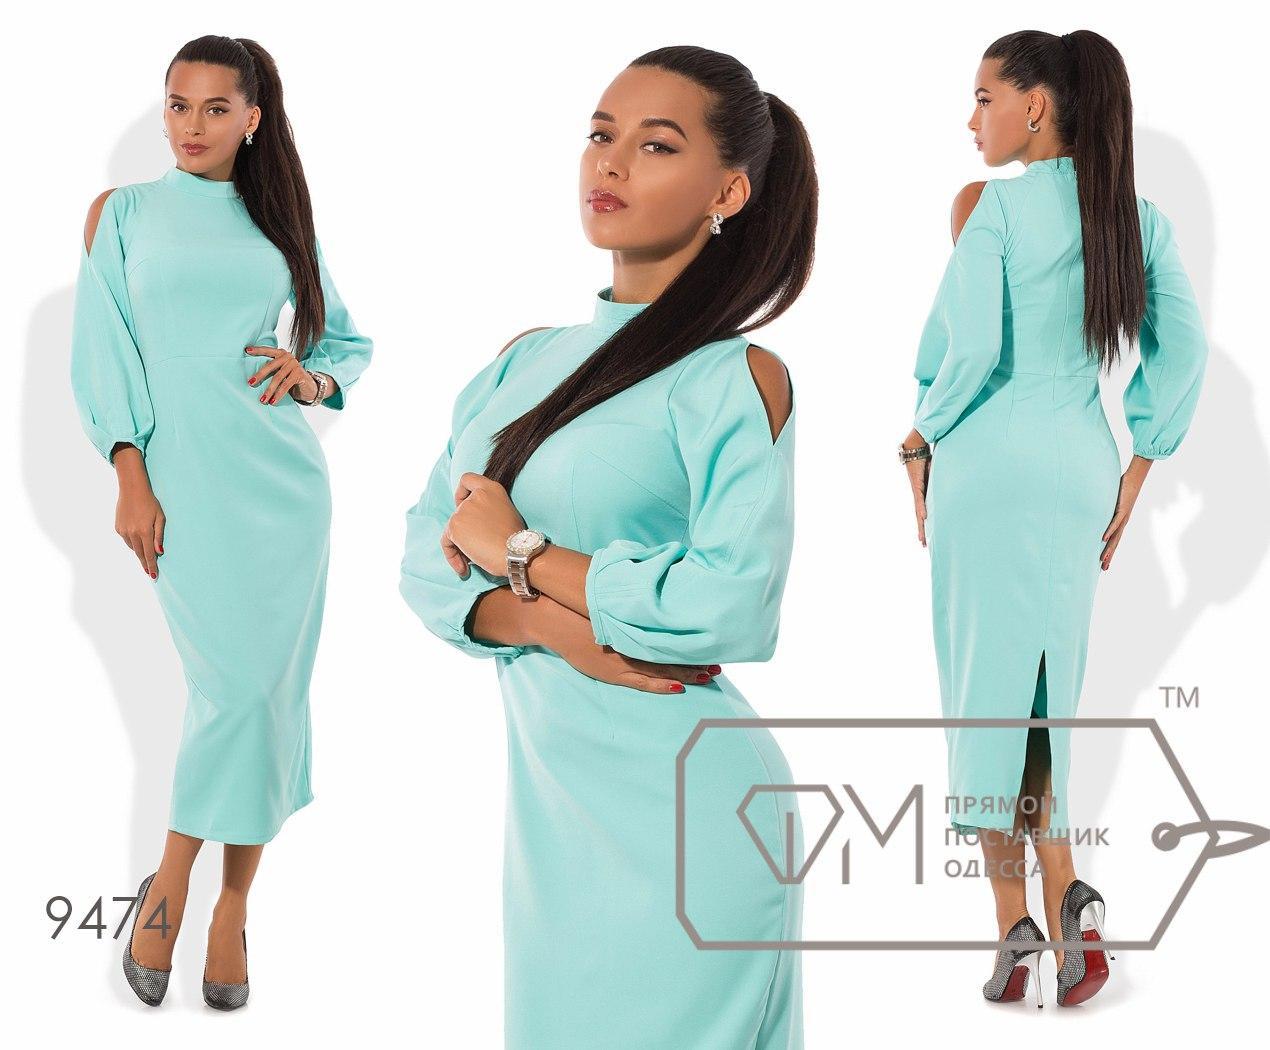 Платье миди приталенное из костюмки с рукавами-колокол, воротником-стойкой, прорезями на плечах и юбкой-карандаш 9474